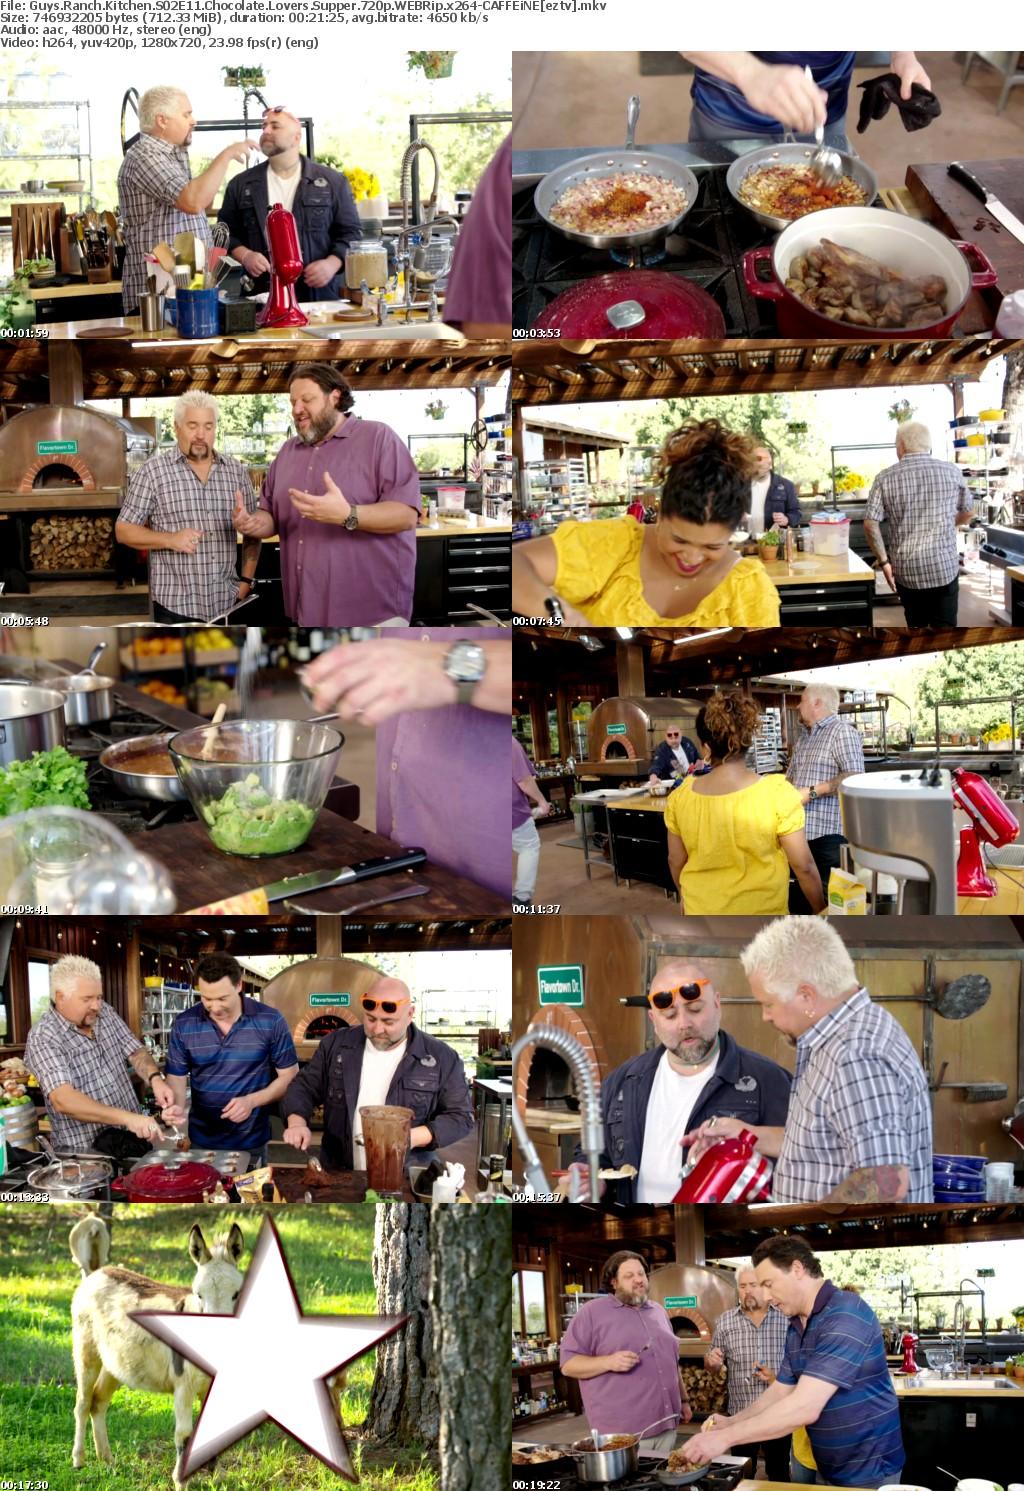 Guys Ranch Kitchen S02E11 Chocolate Lovers Supper 720p WEBRip x264-CAFFEiNE